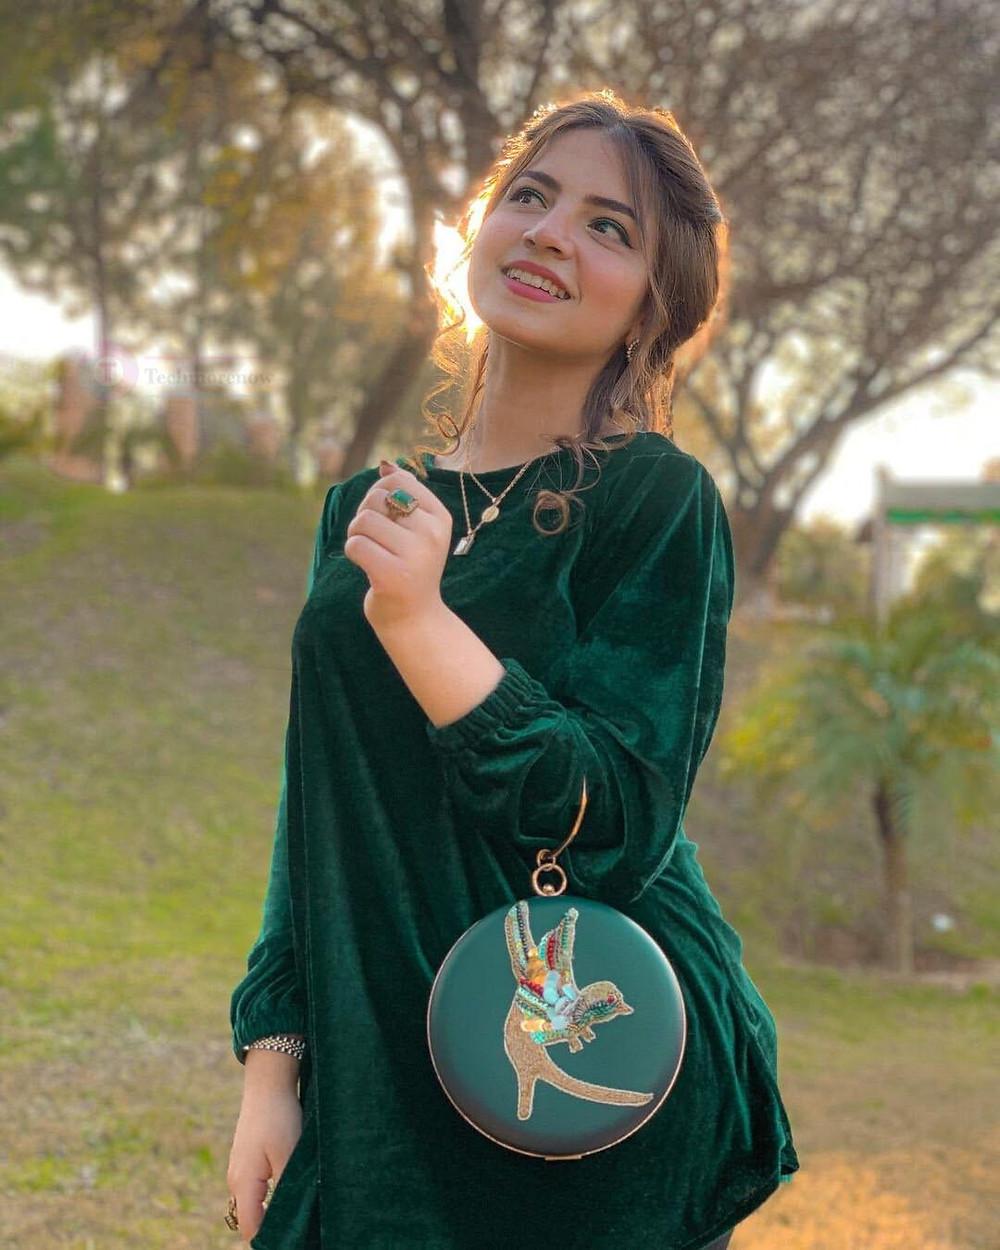 Dananeer Mobeen HD Image Download